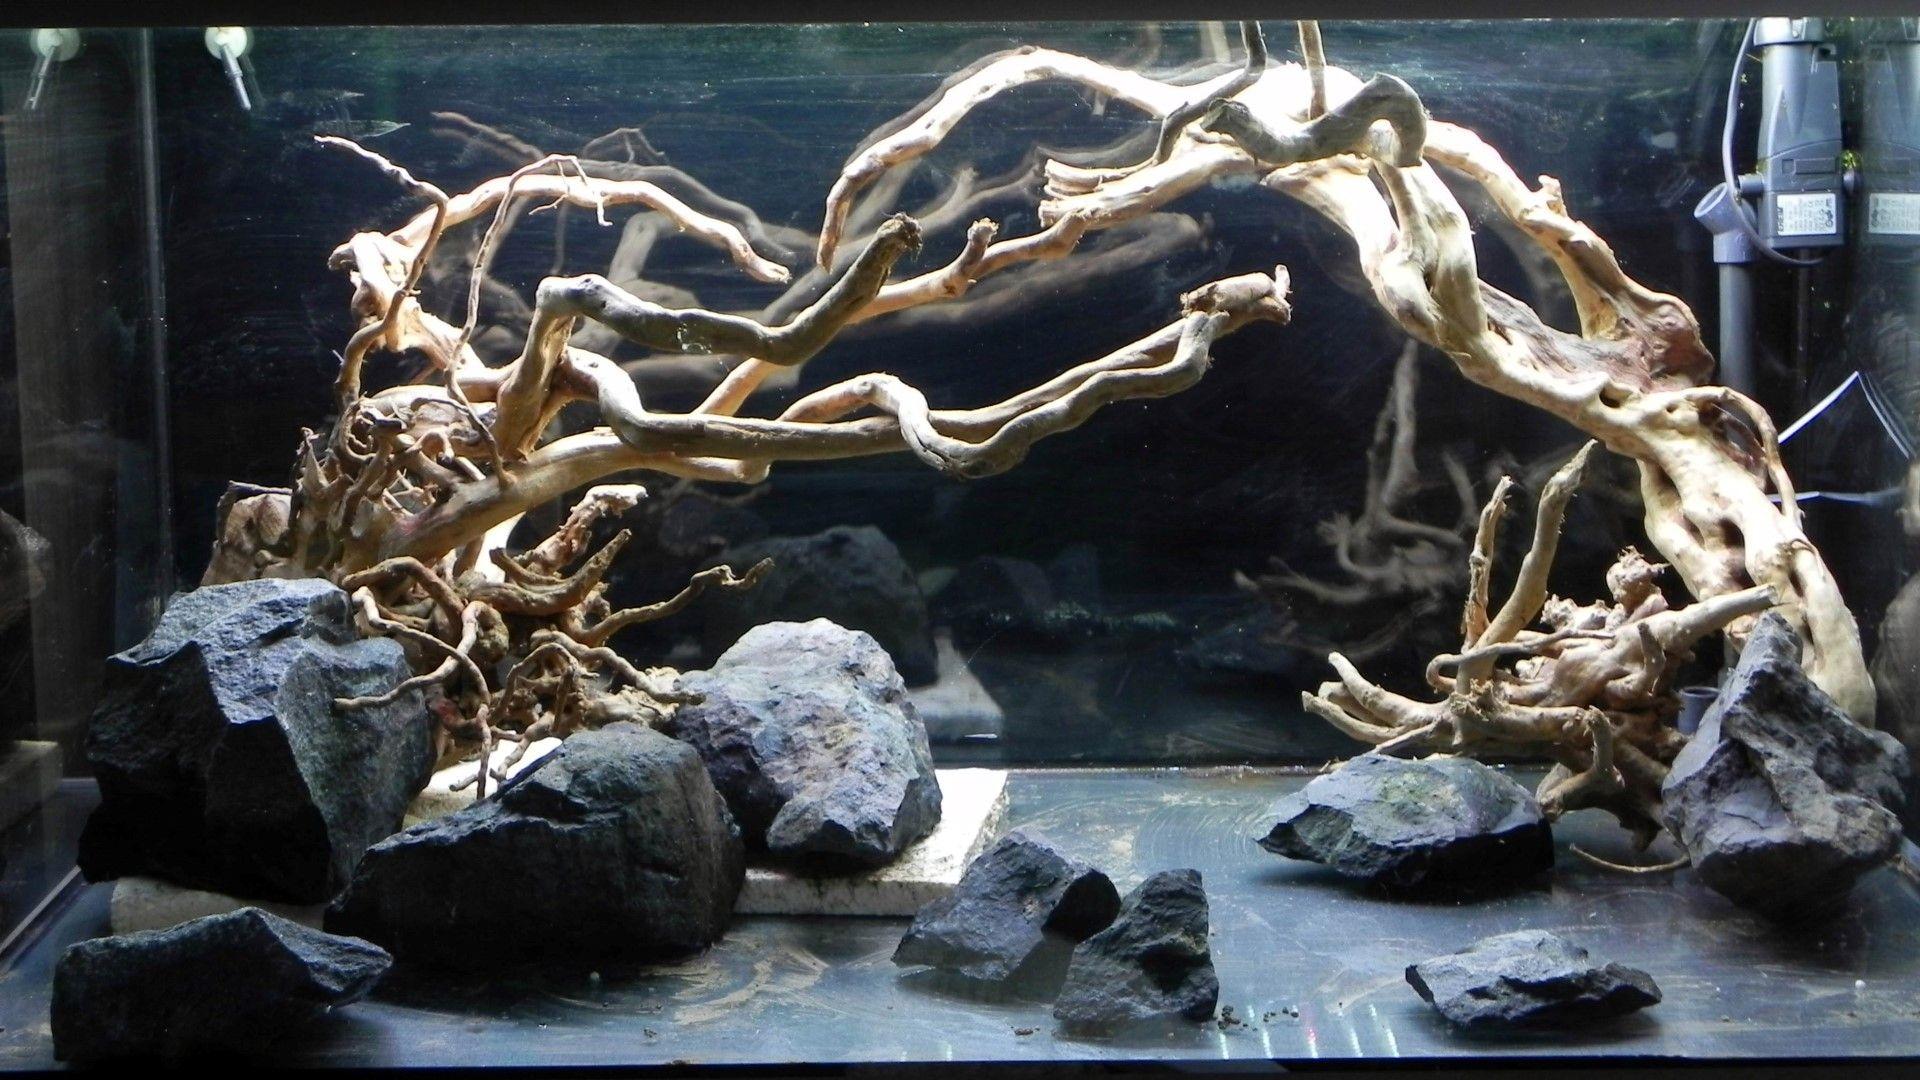 Bildergebnis Fur Dschungel Aquascape Aquarium Steine Aquascaping Aquarium